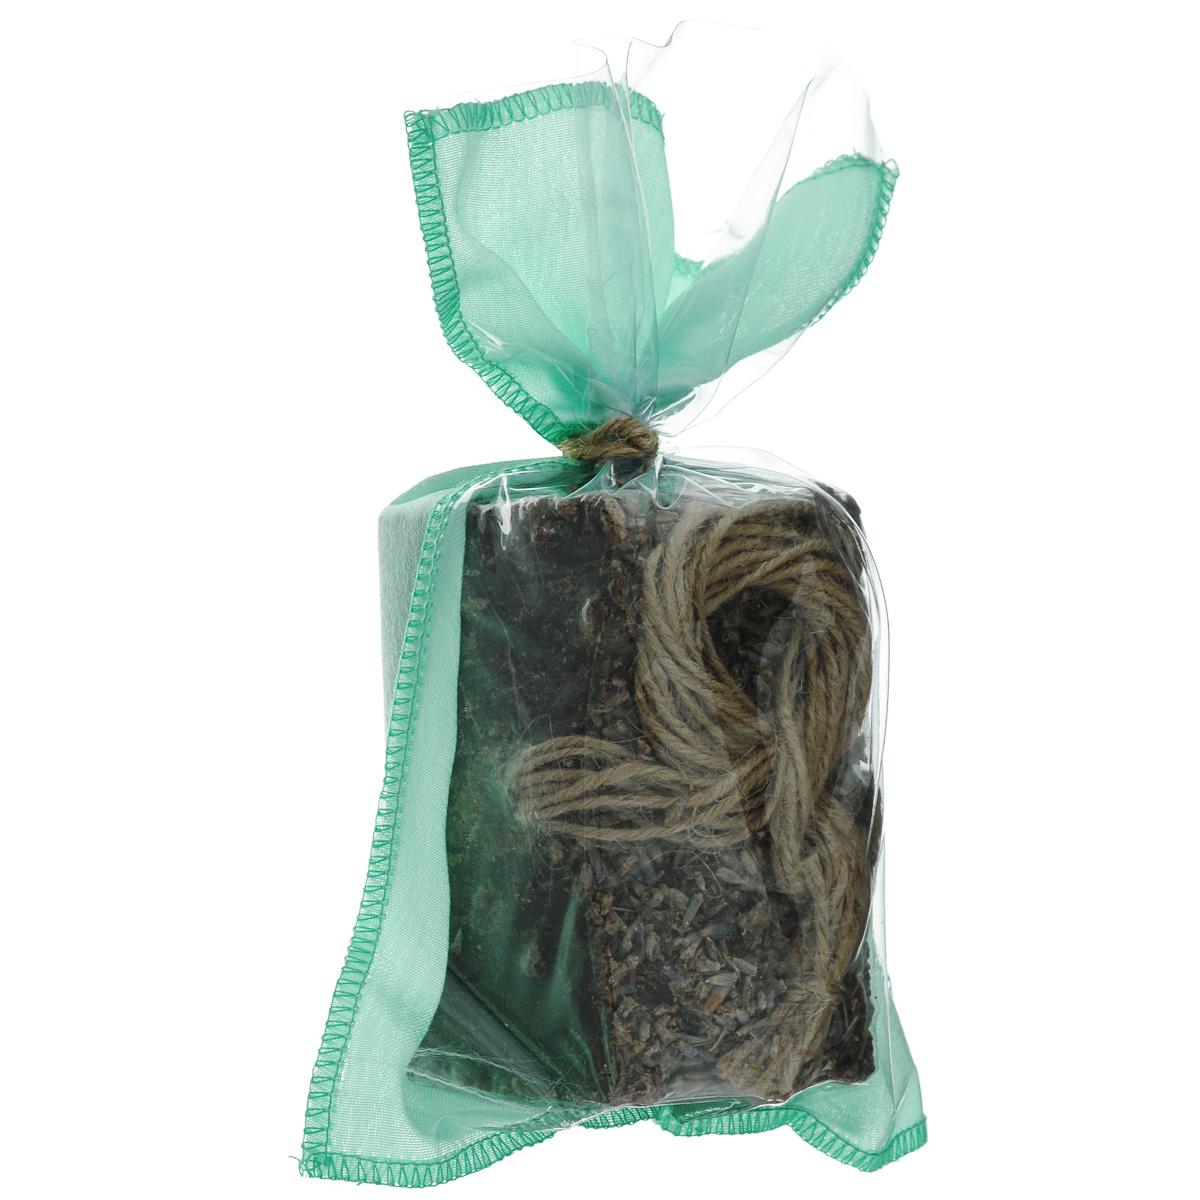 Зейтун Мыло Премиум №1 с лавандой, 250 гZ1001Необычный и очень мягкий скраб для тела. Цветы лаванды нежно отшелушивают отмершие клетки кожи, а также осуществляют микромассаж, усиливая циркуляцию крови. Благодаря оптимальному балансу масел это натуральное мыло подходит для всех типов кожи, хорошо очищает, не стягивая и не пересушивая её.